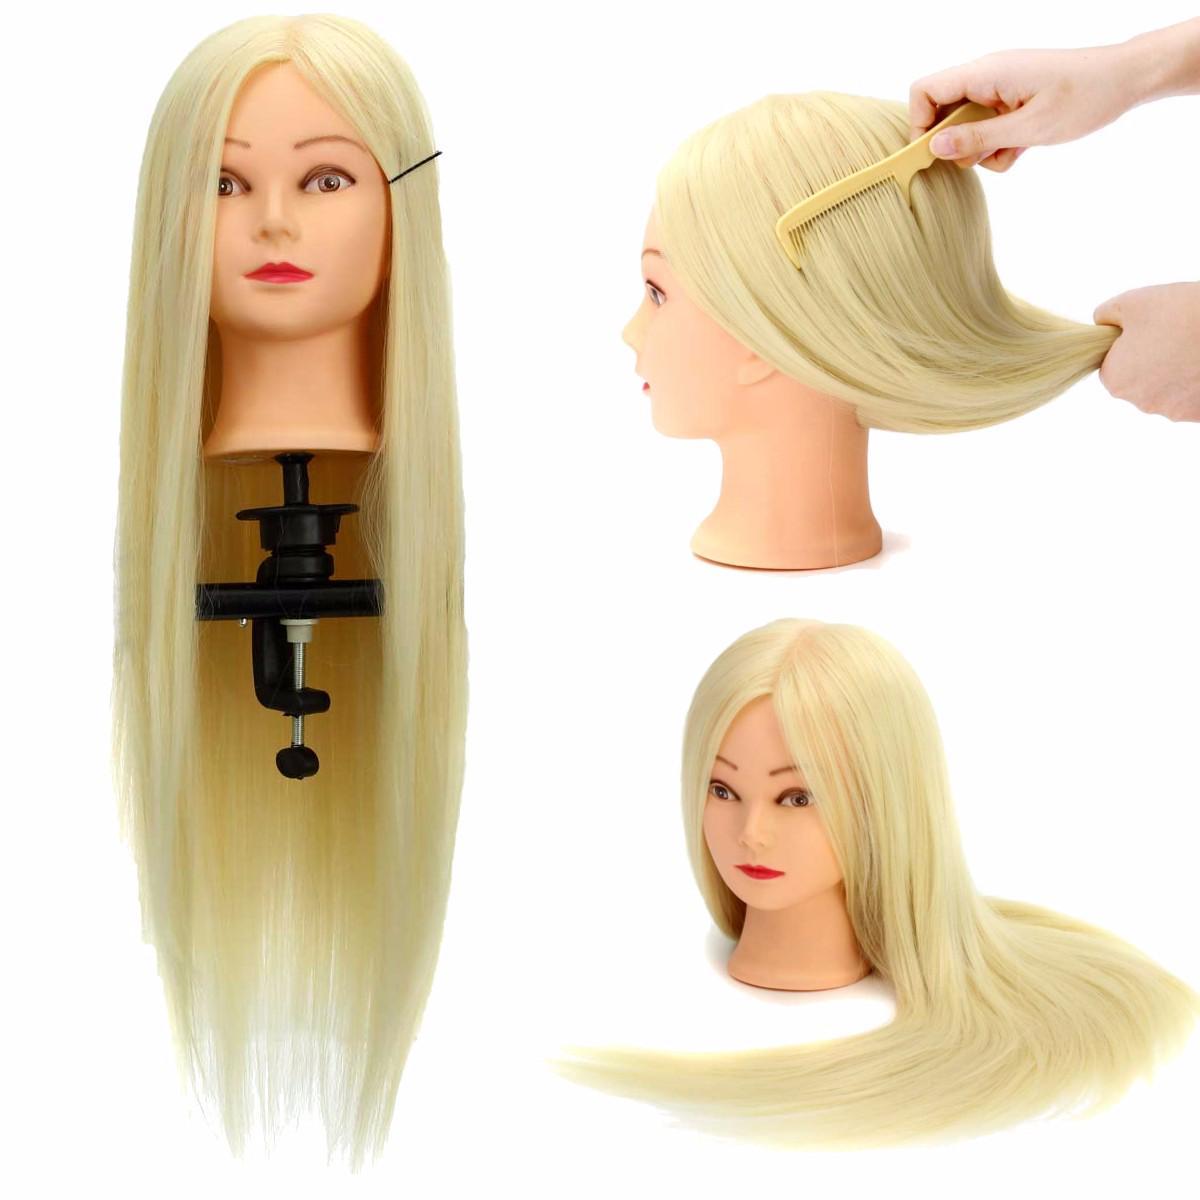 Манекен с натуральными волосами для профессиональной укладки волос фото